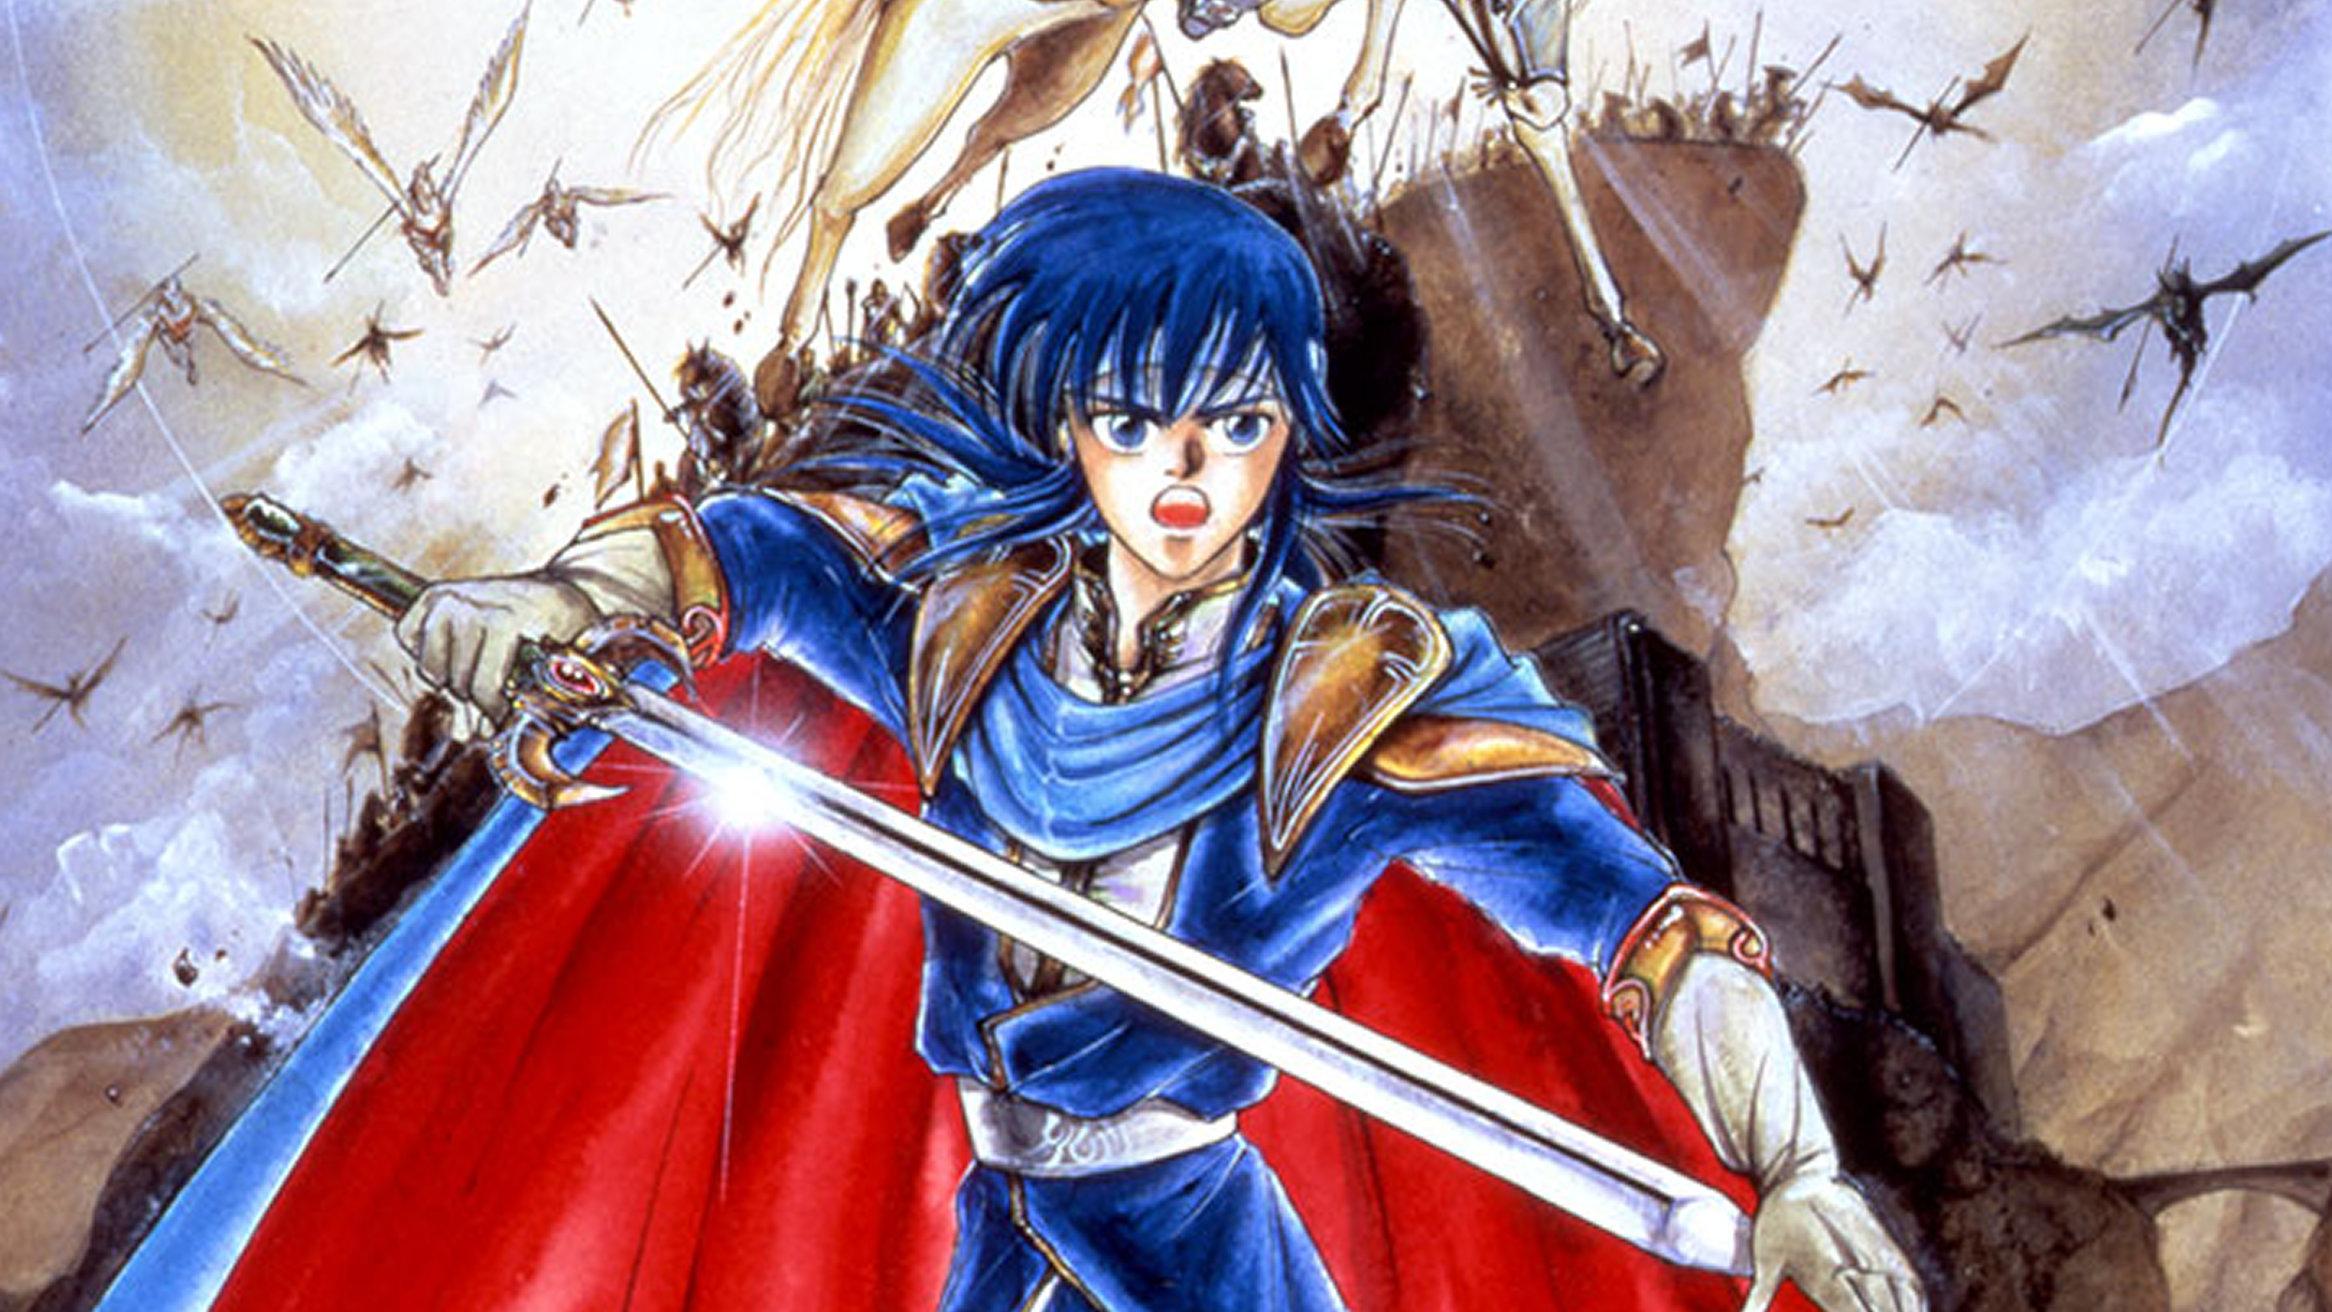 ファイアーエムブレム、30周年の人気投票1位は聖戦の系譜。風花雪月